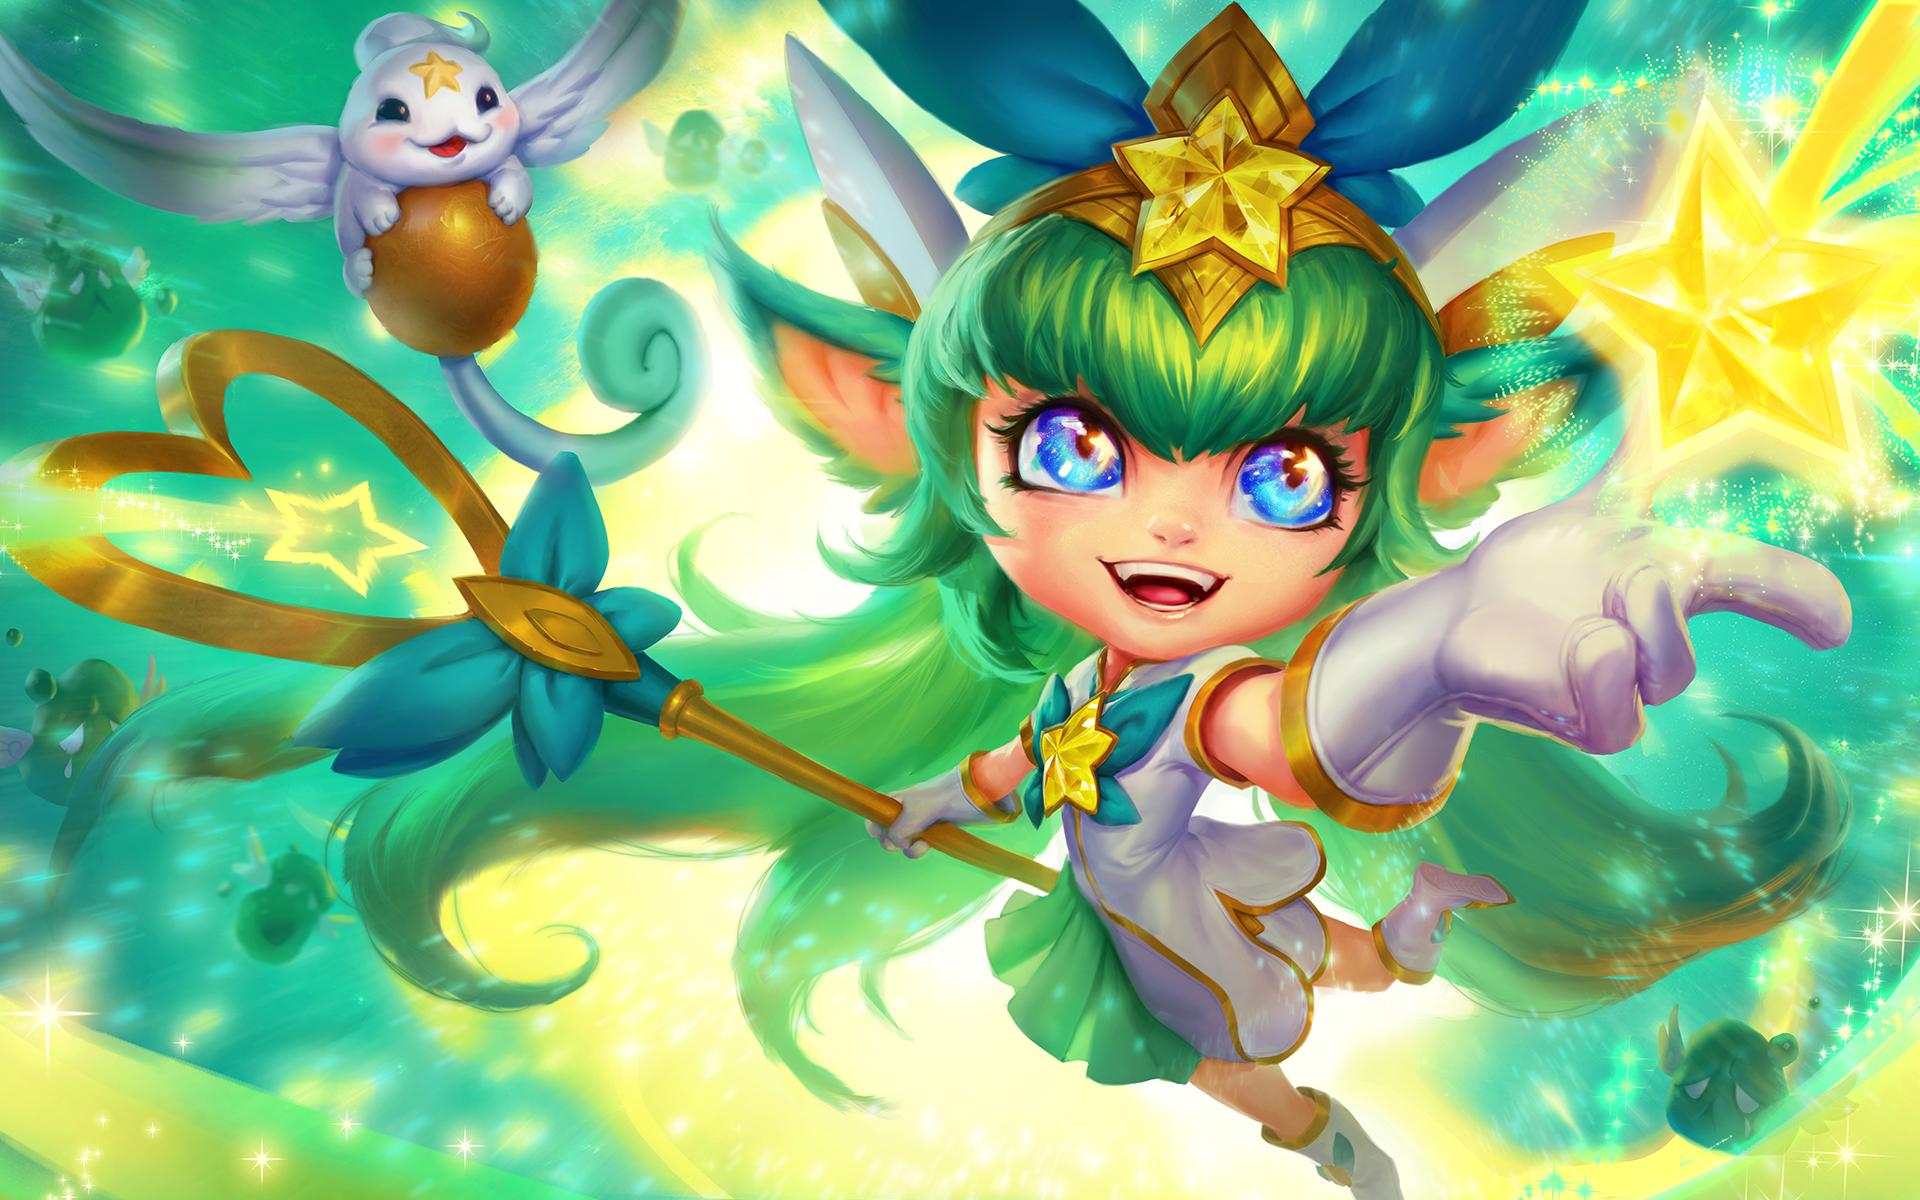 Star Guardian Lulu. Star Guardian Lulu wallpaper